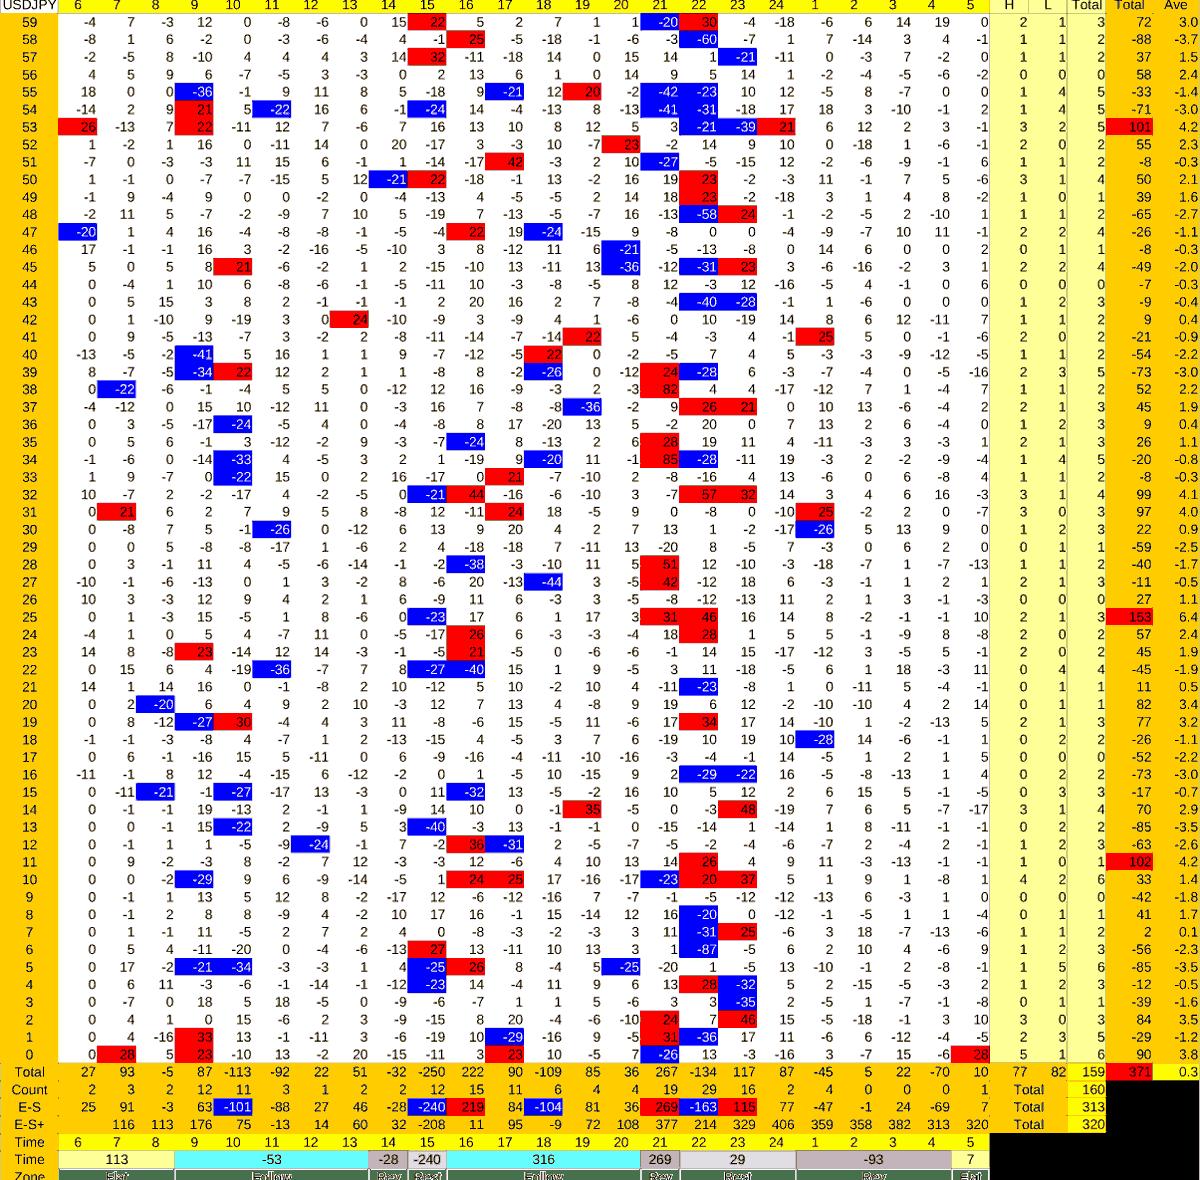 20211012_HS(1)USDJPY-min